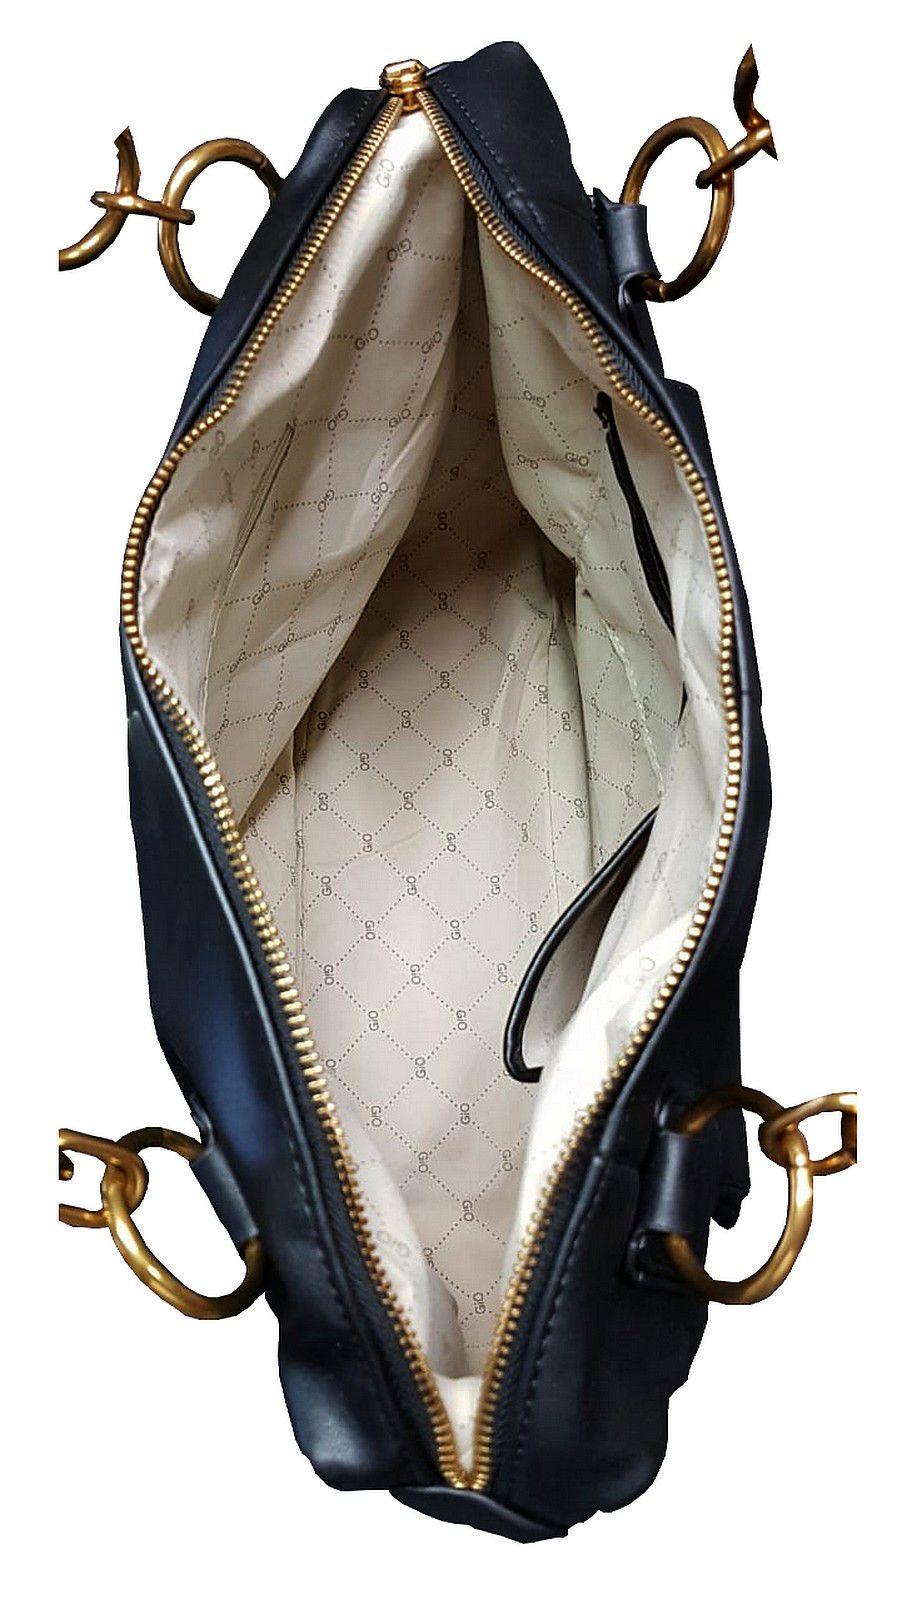 9e11583d8 Bolsa GIO Antonelli Tote Bag em Couro Ecológico Preto - Vistabella Bolsas e  Acessórios